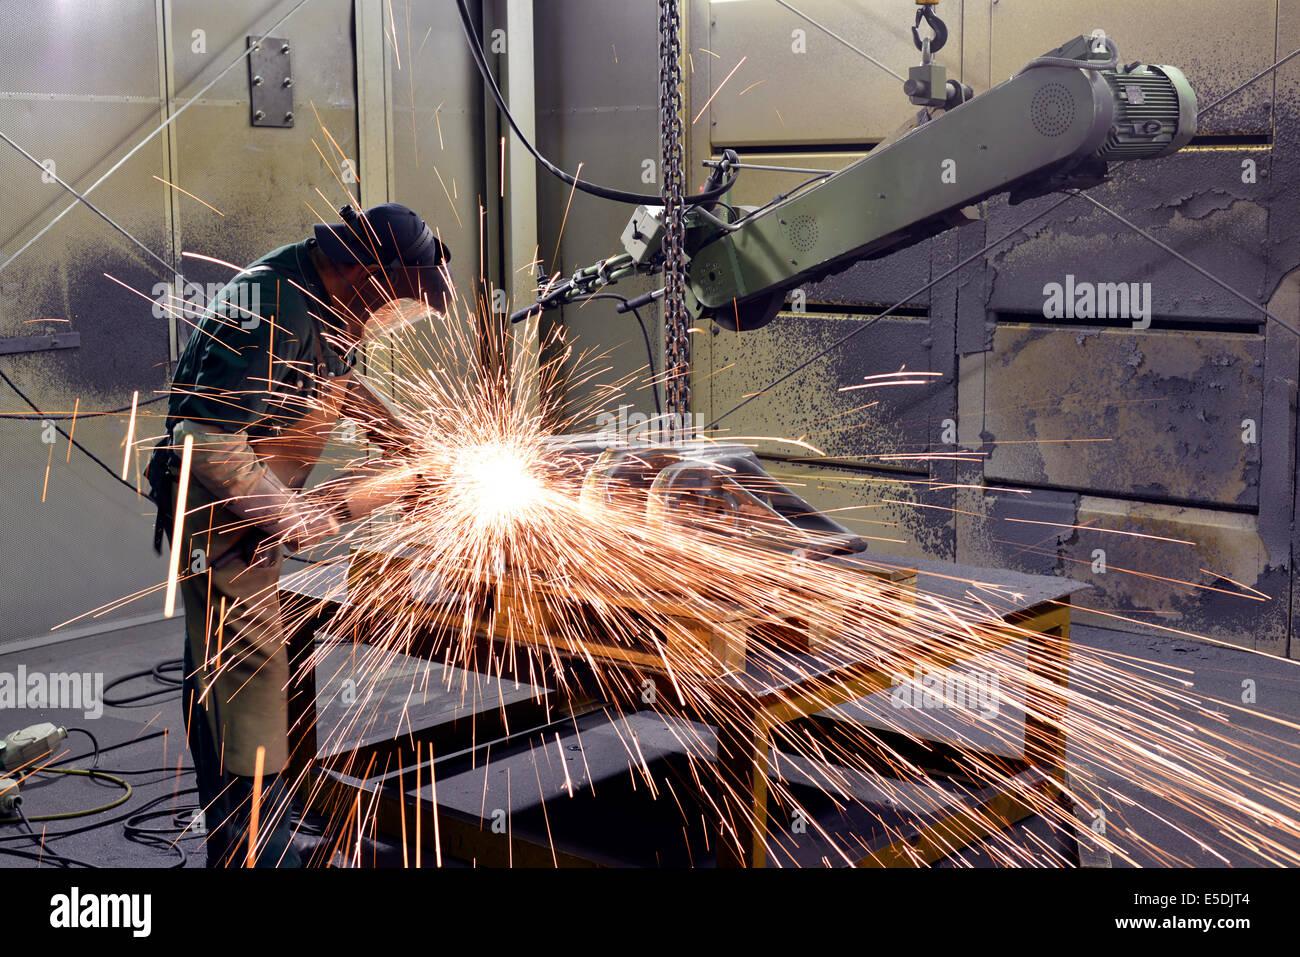 Lavorare con la macchina di rettifica in una fonderia Immagini Stock